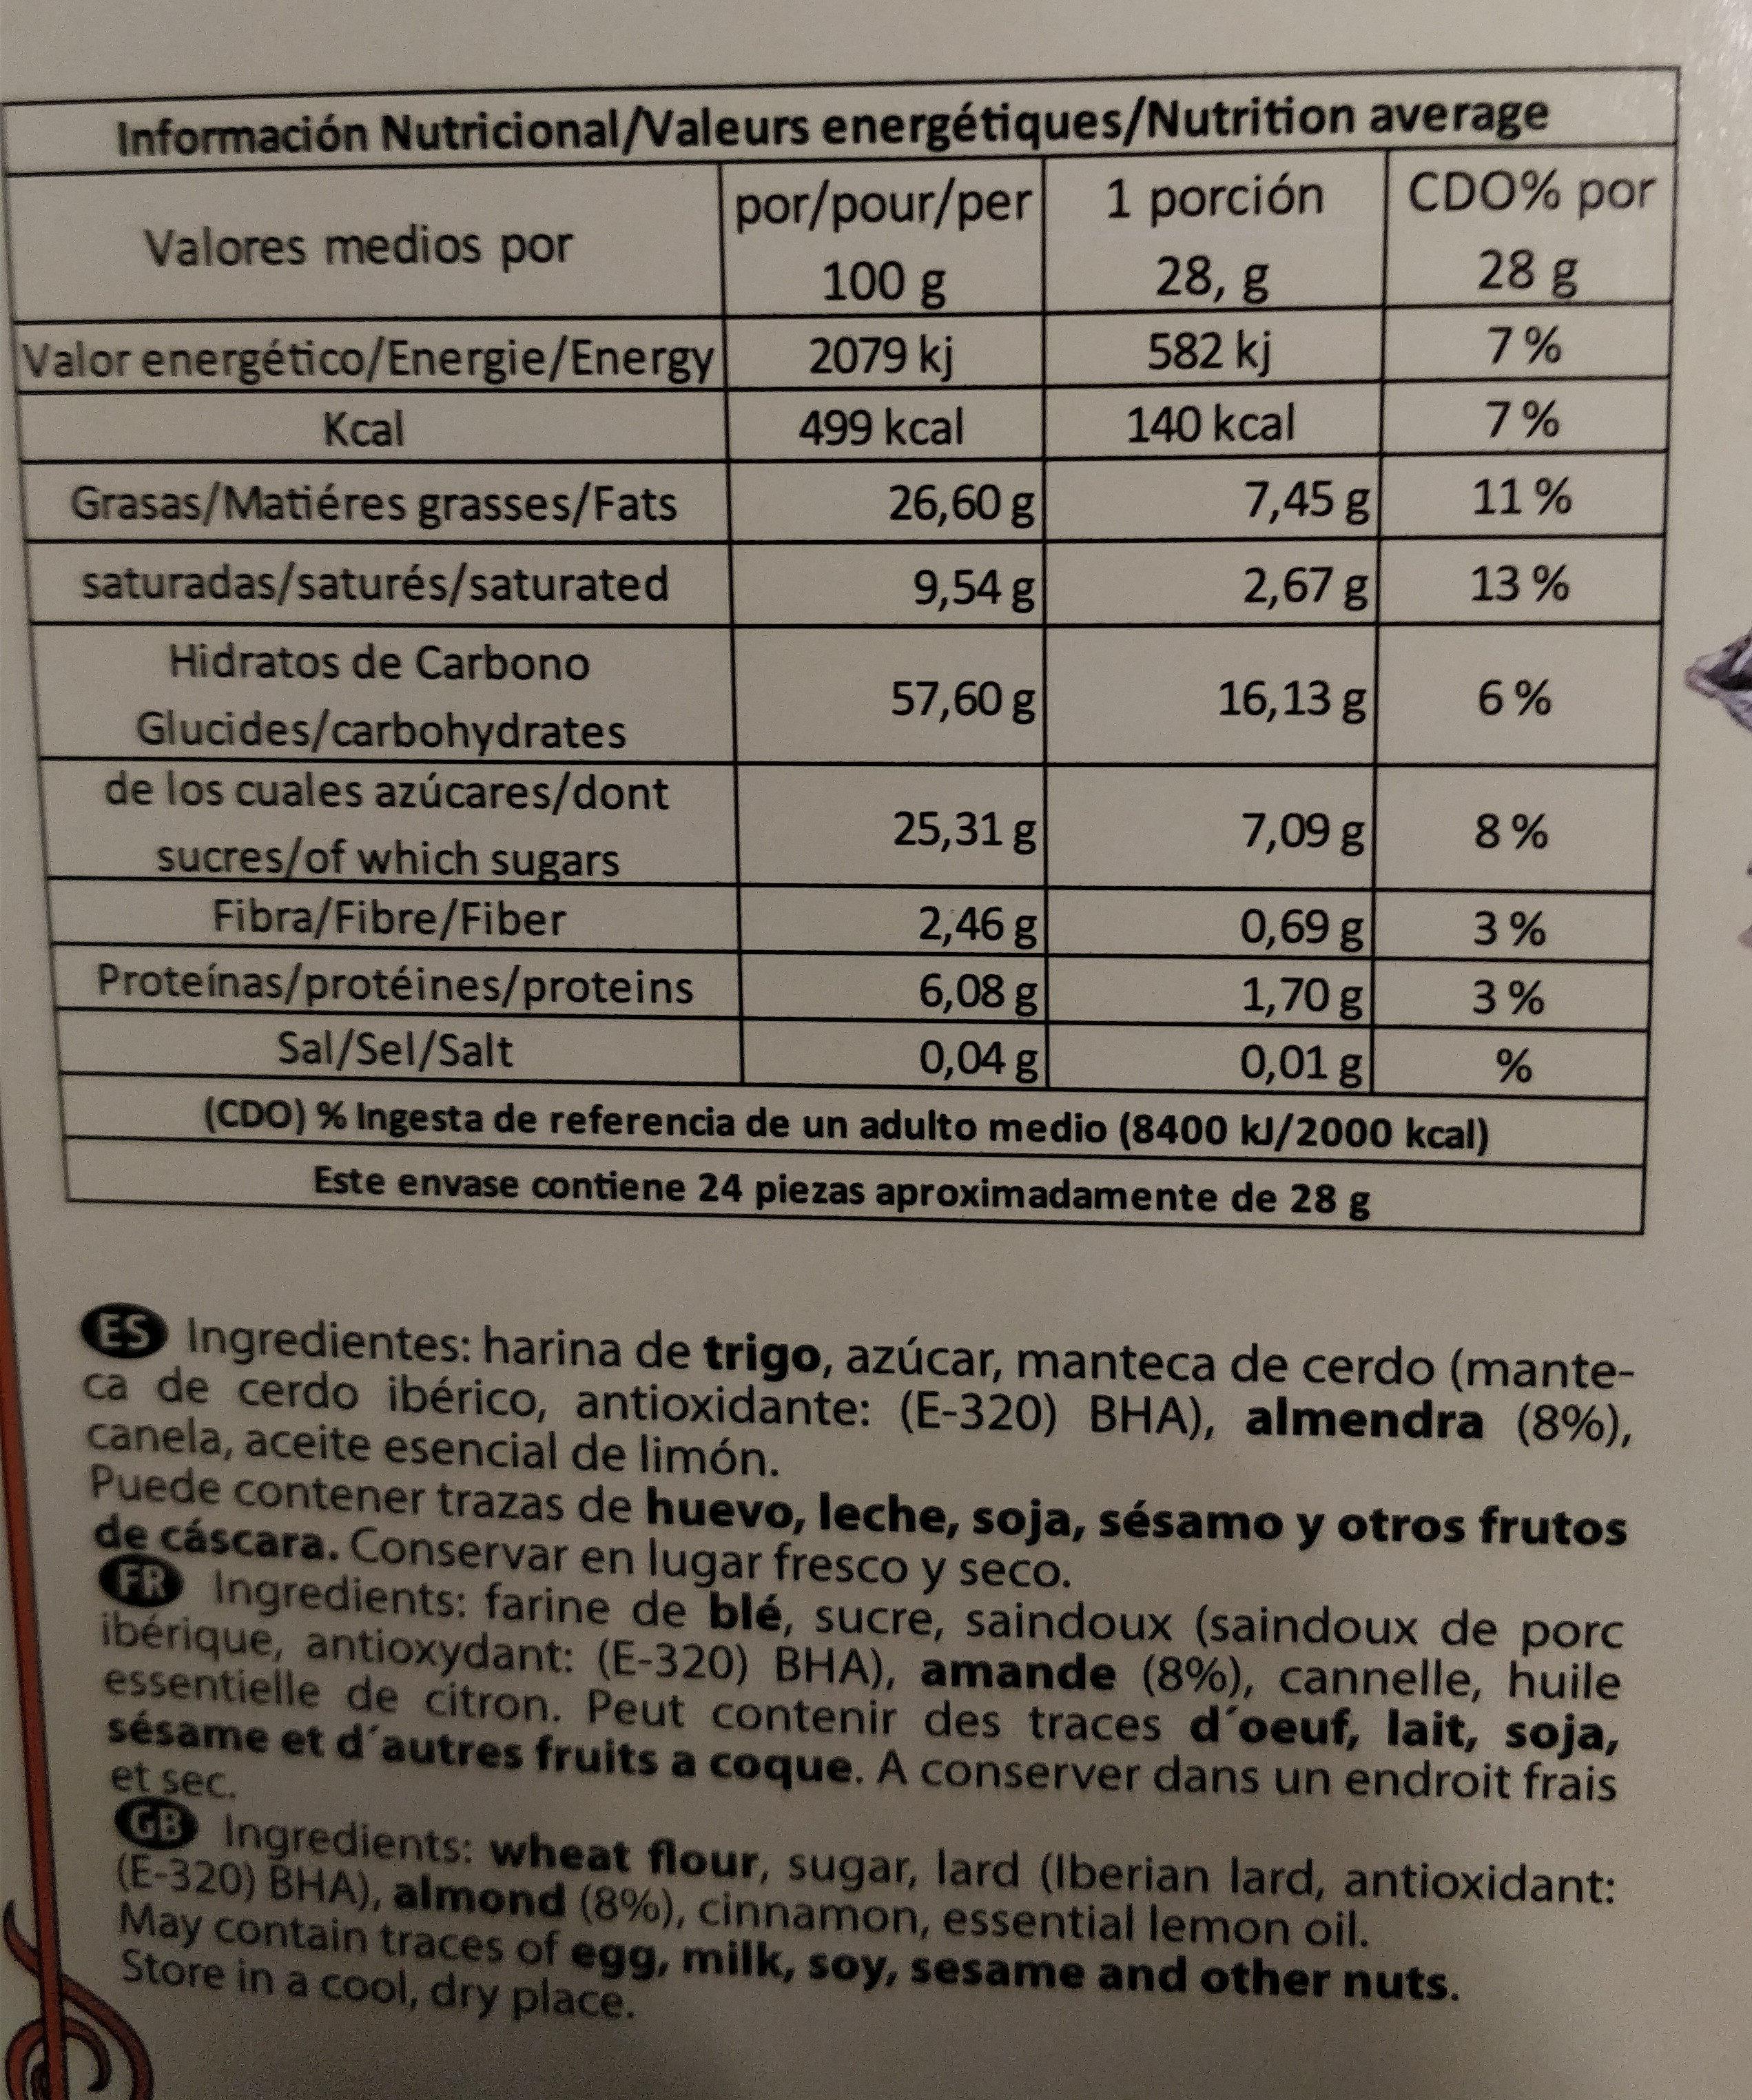 Polvoron tradicional - Información nutricional - fr